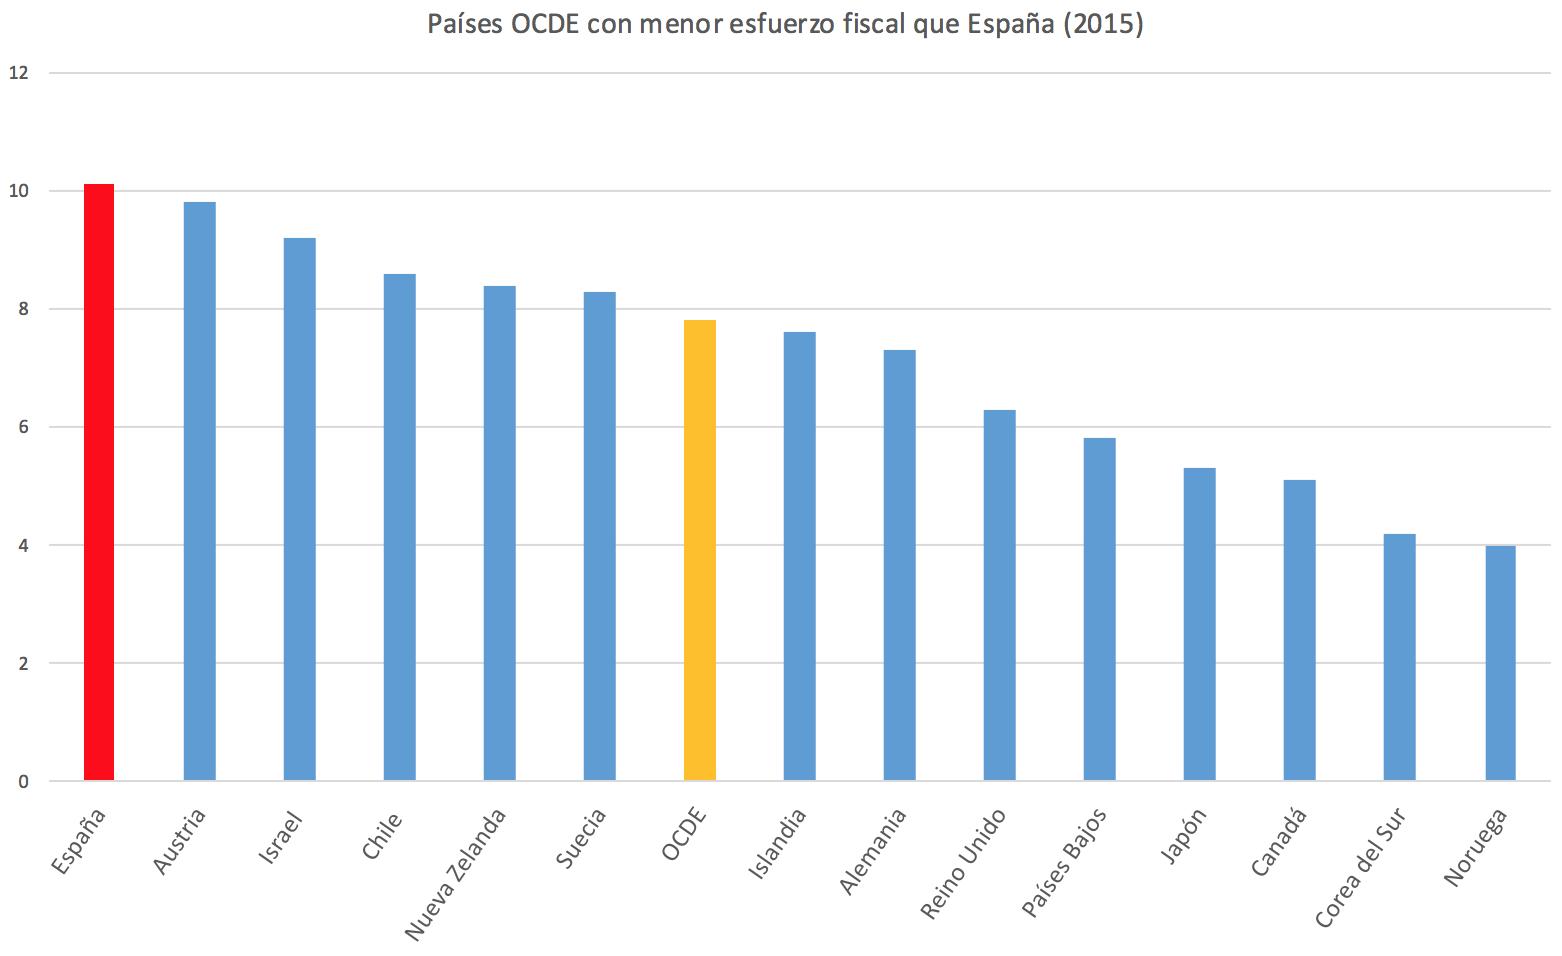 2-Esfuerzo-fiscal-Espana-OCDE.png